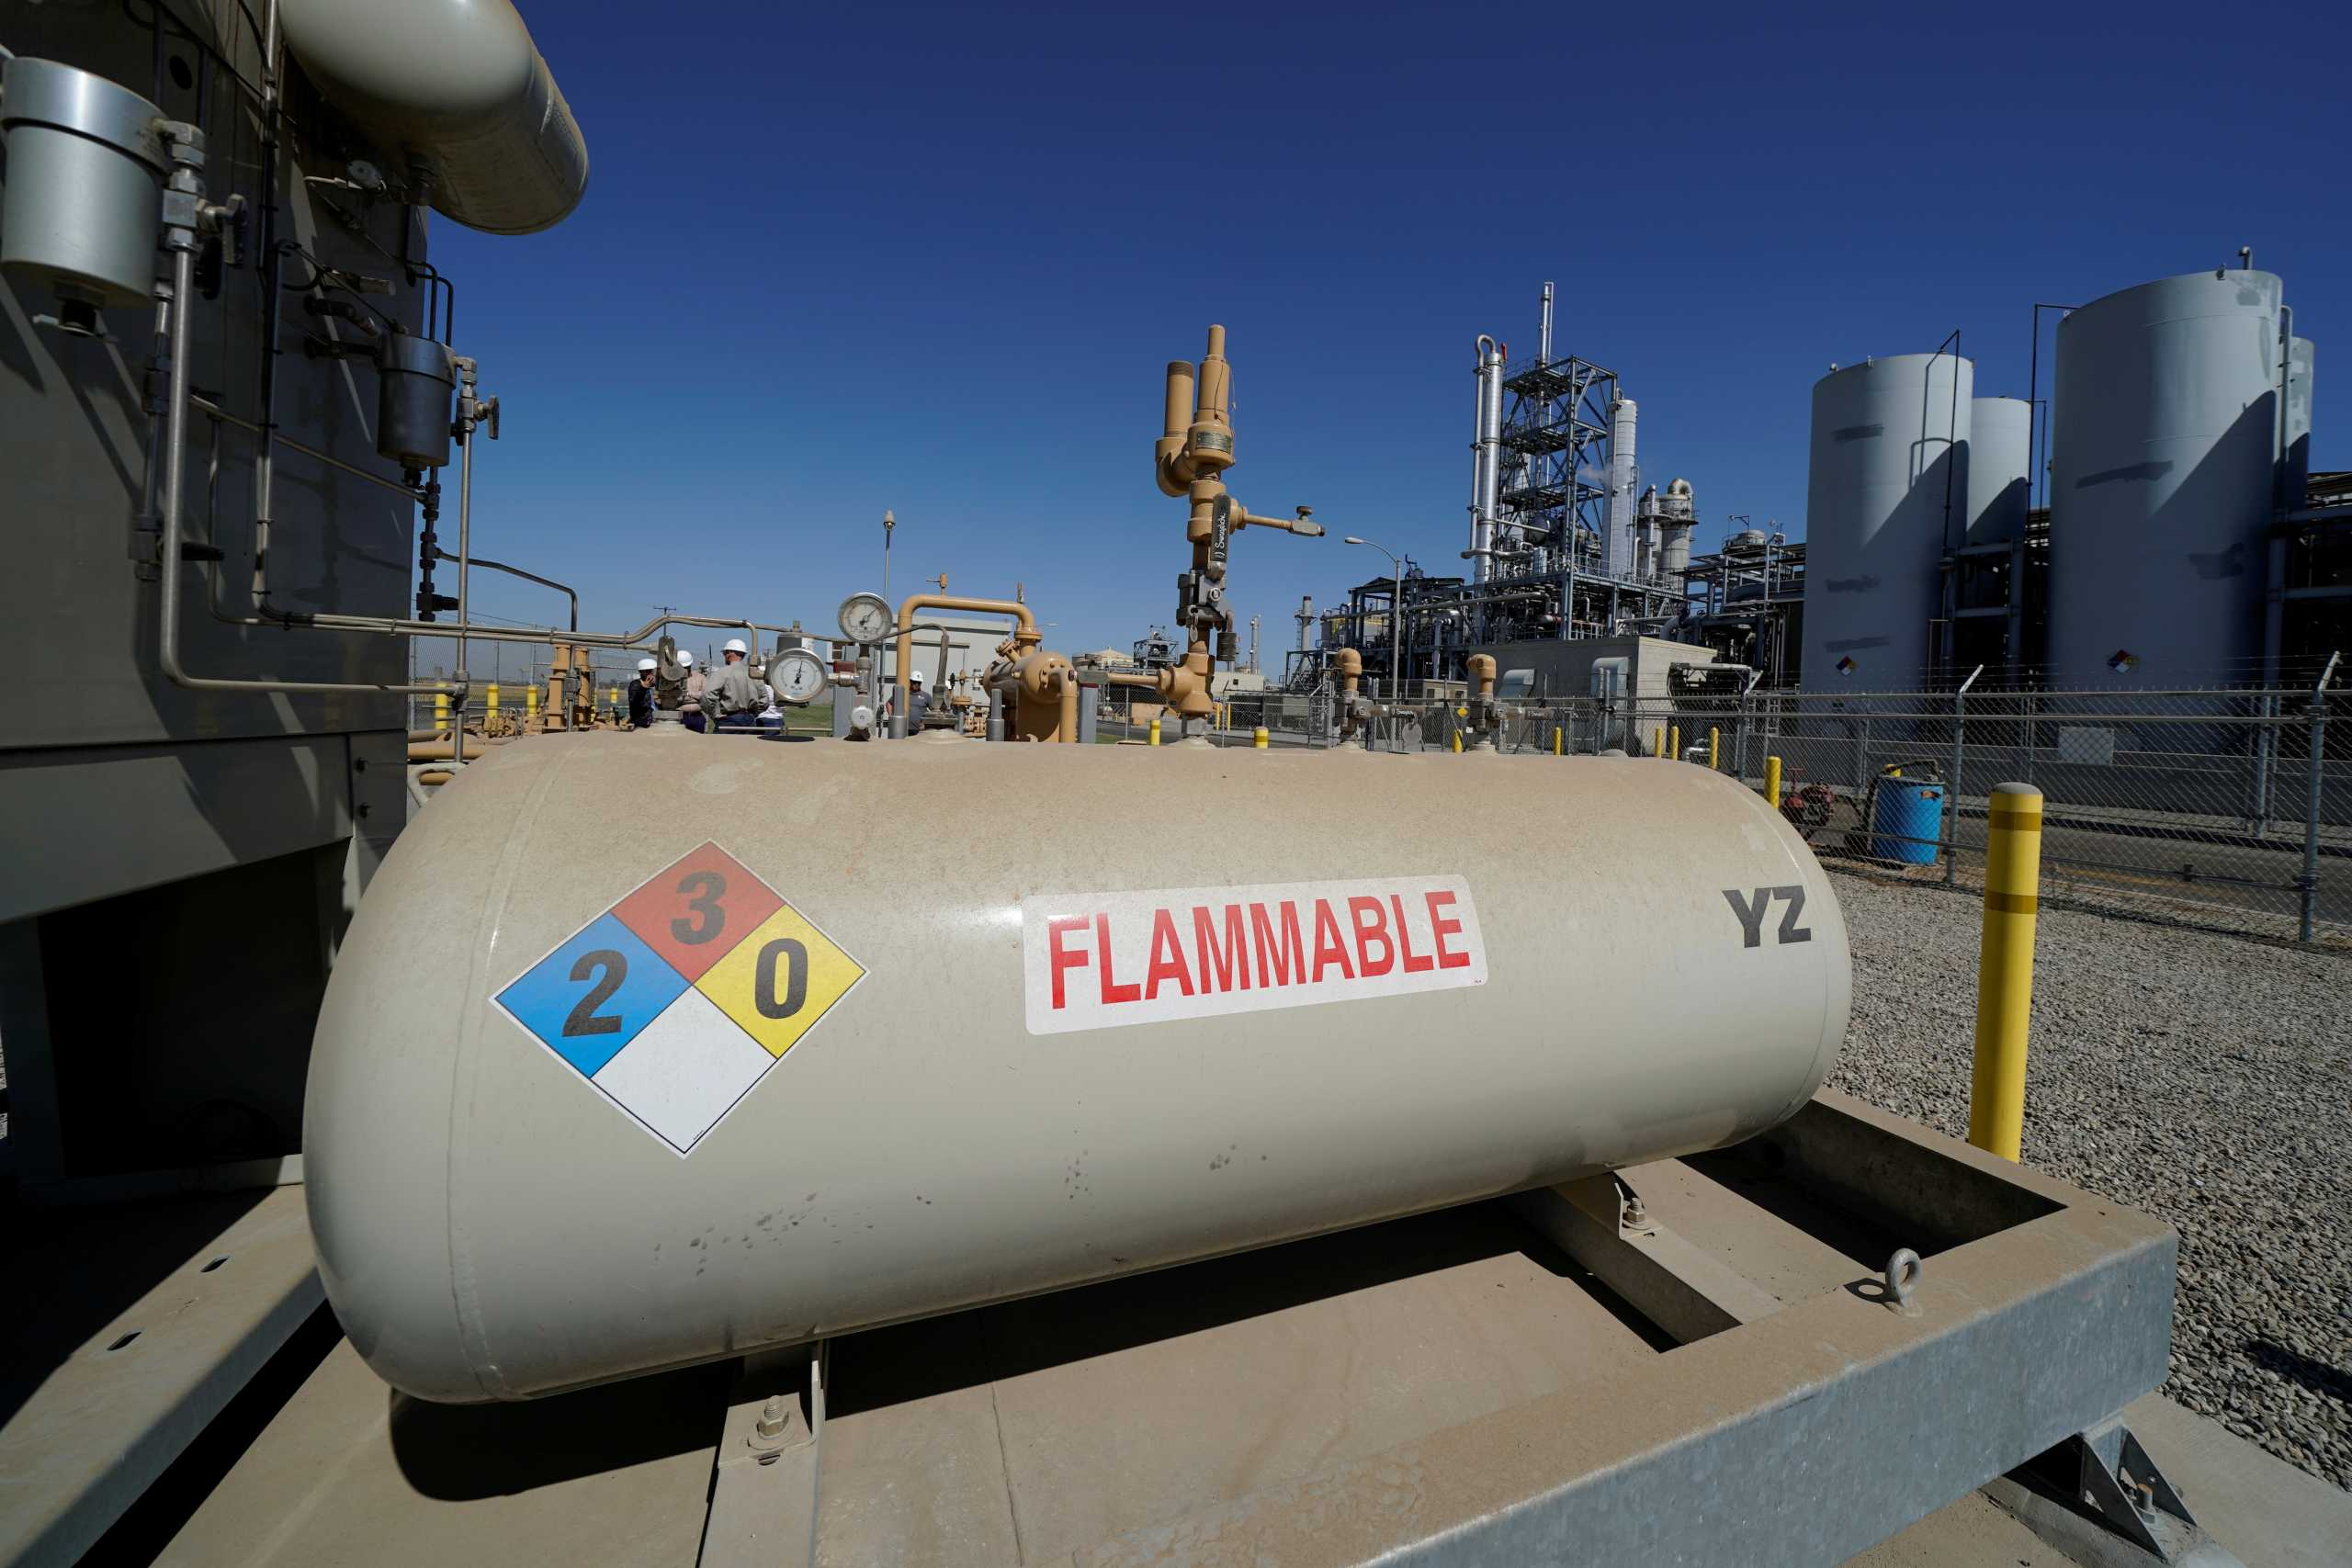 Αζερμπαϊτζάν: Αυξάνει τις παραδόσεις του φυσικού αερίου προς την Ευρώπη